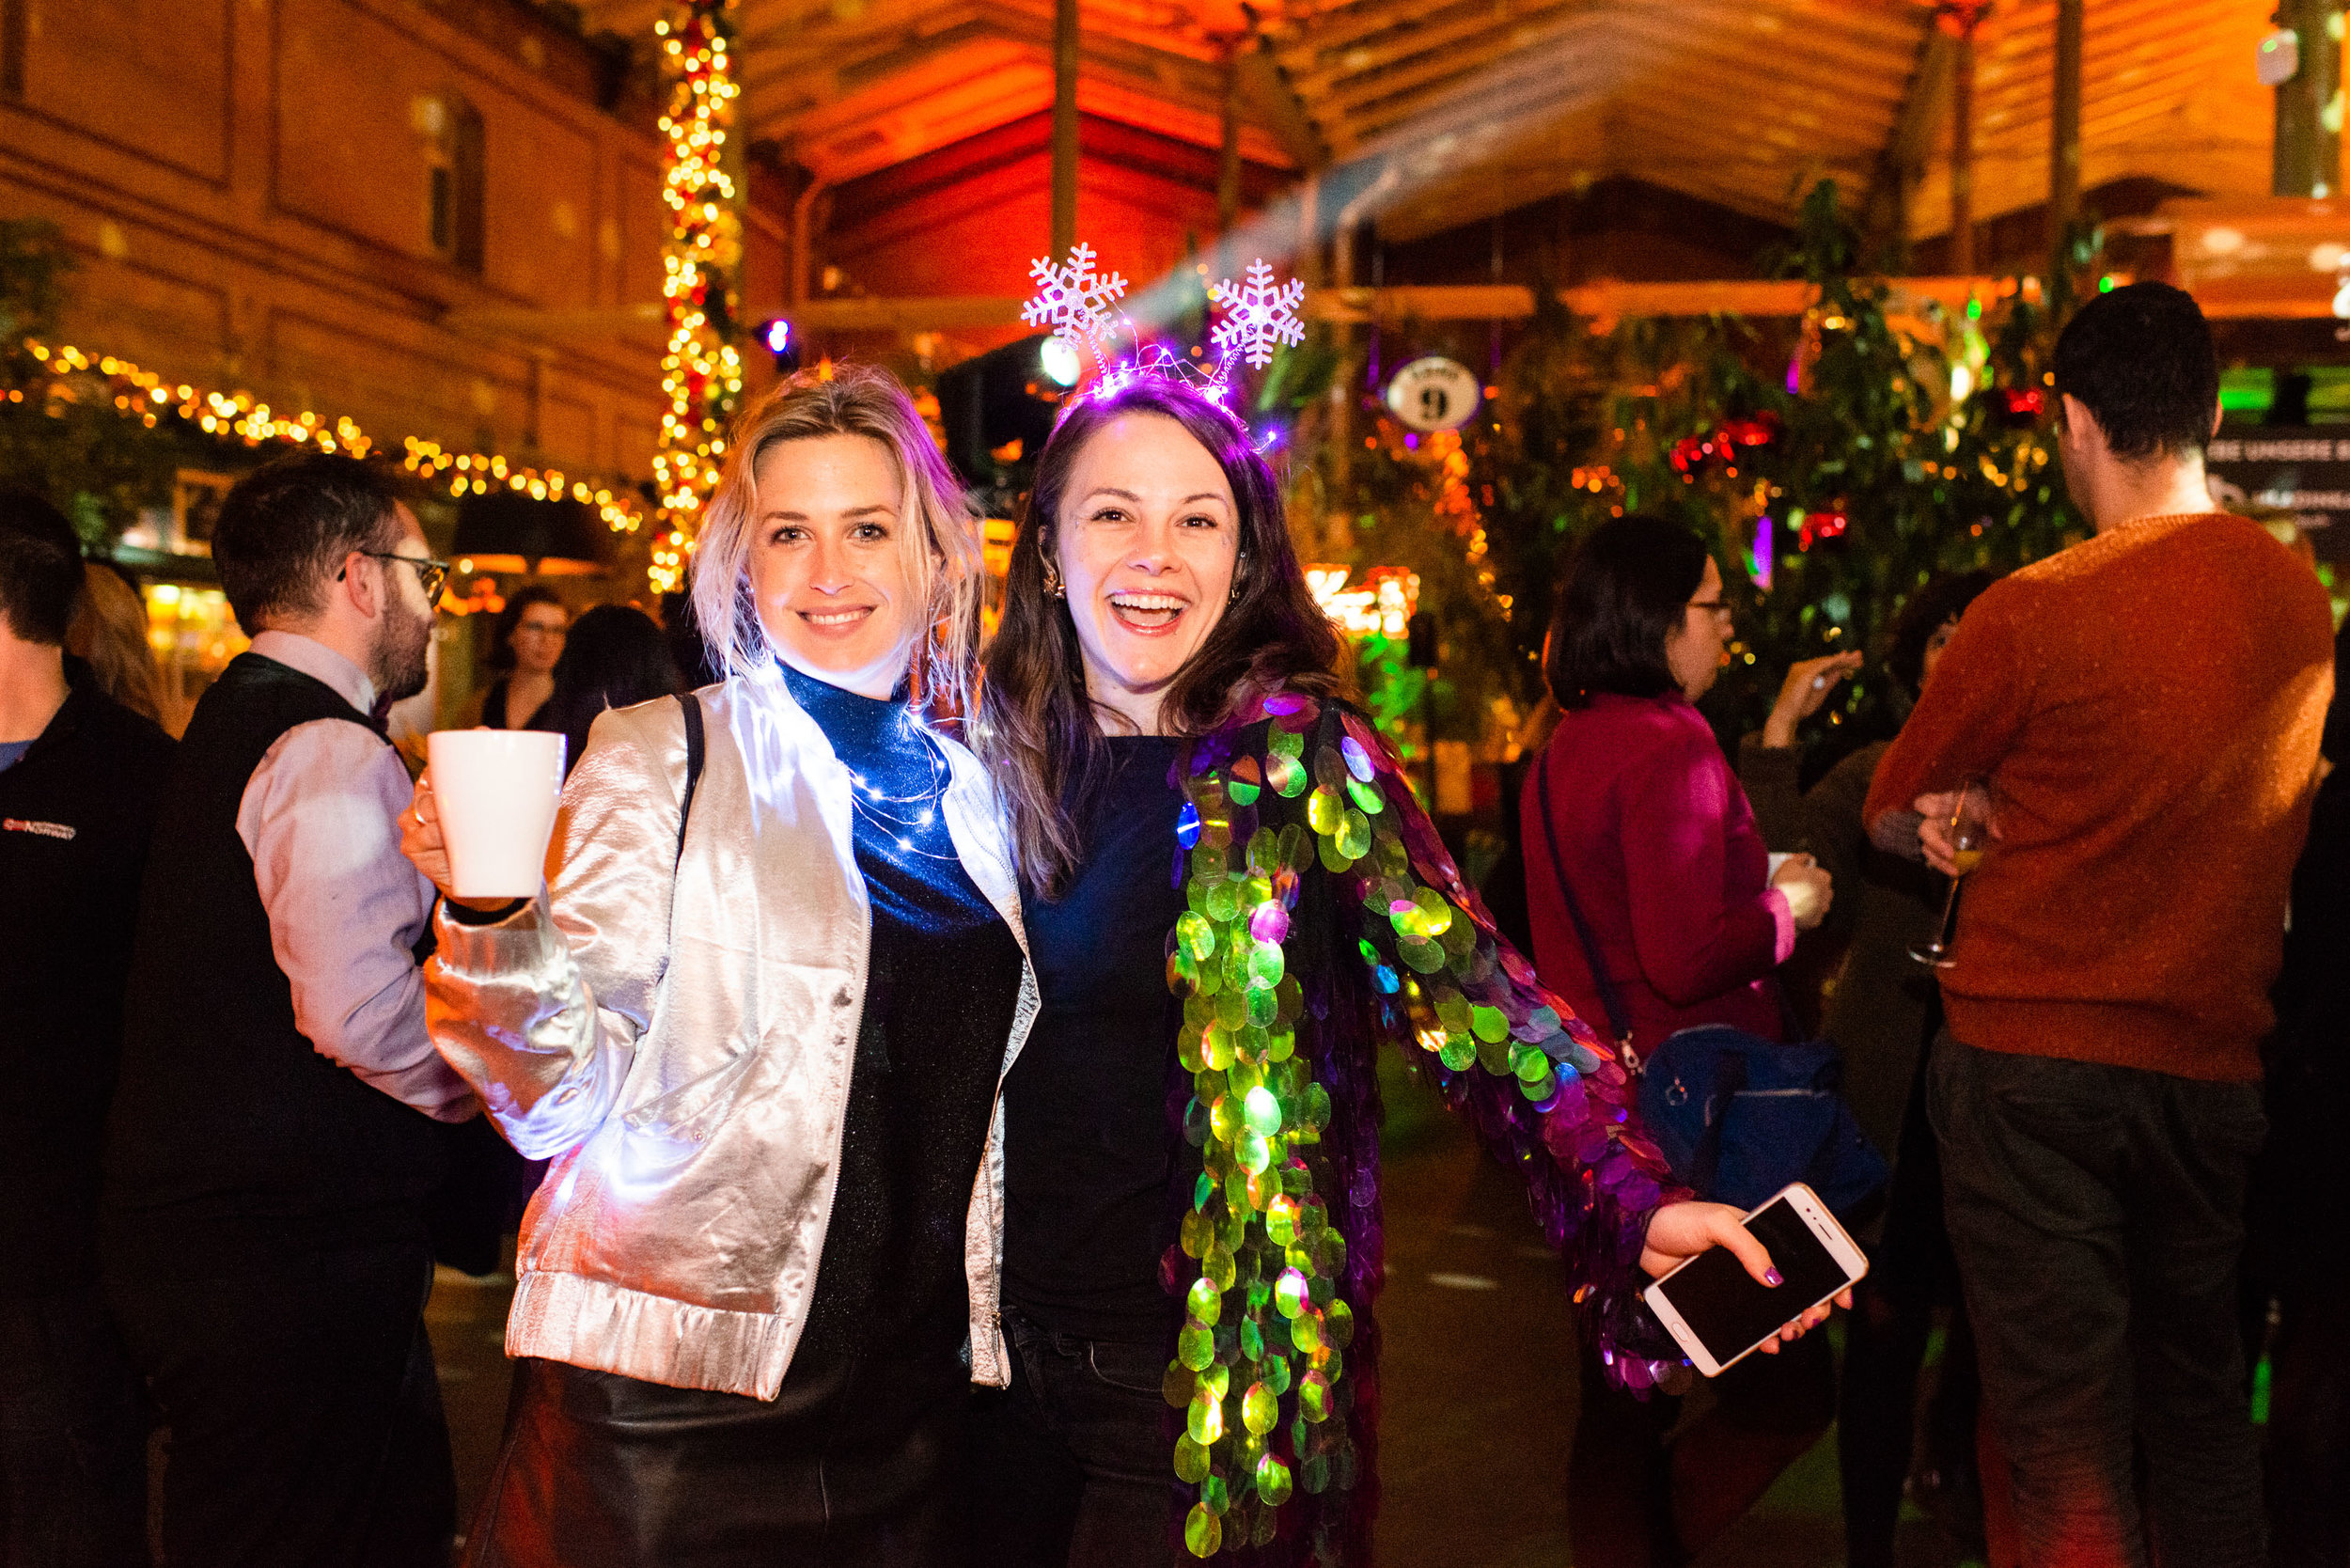 Tilman-Vogler-Fotografie-GYG-Christmas-Party-2018-038.jpg